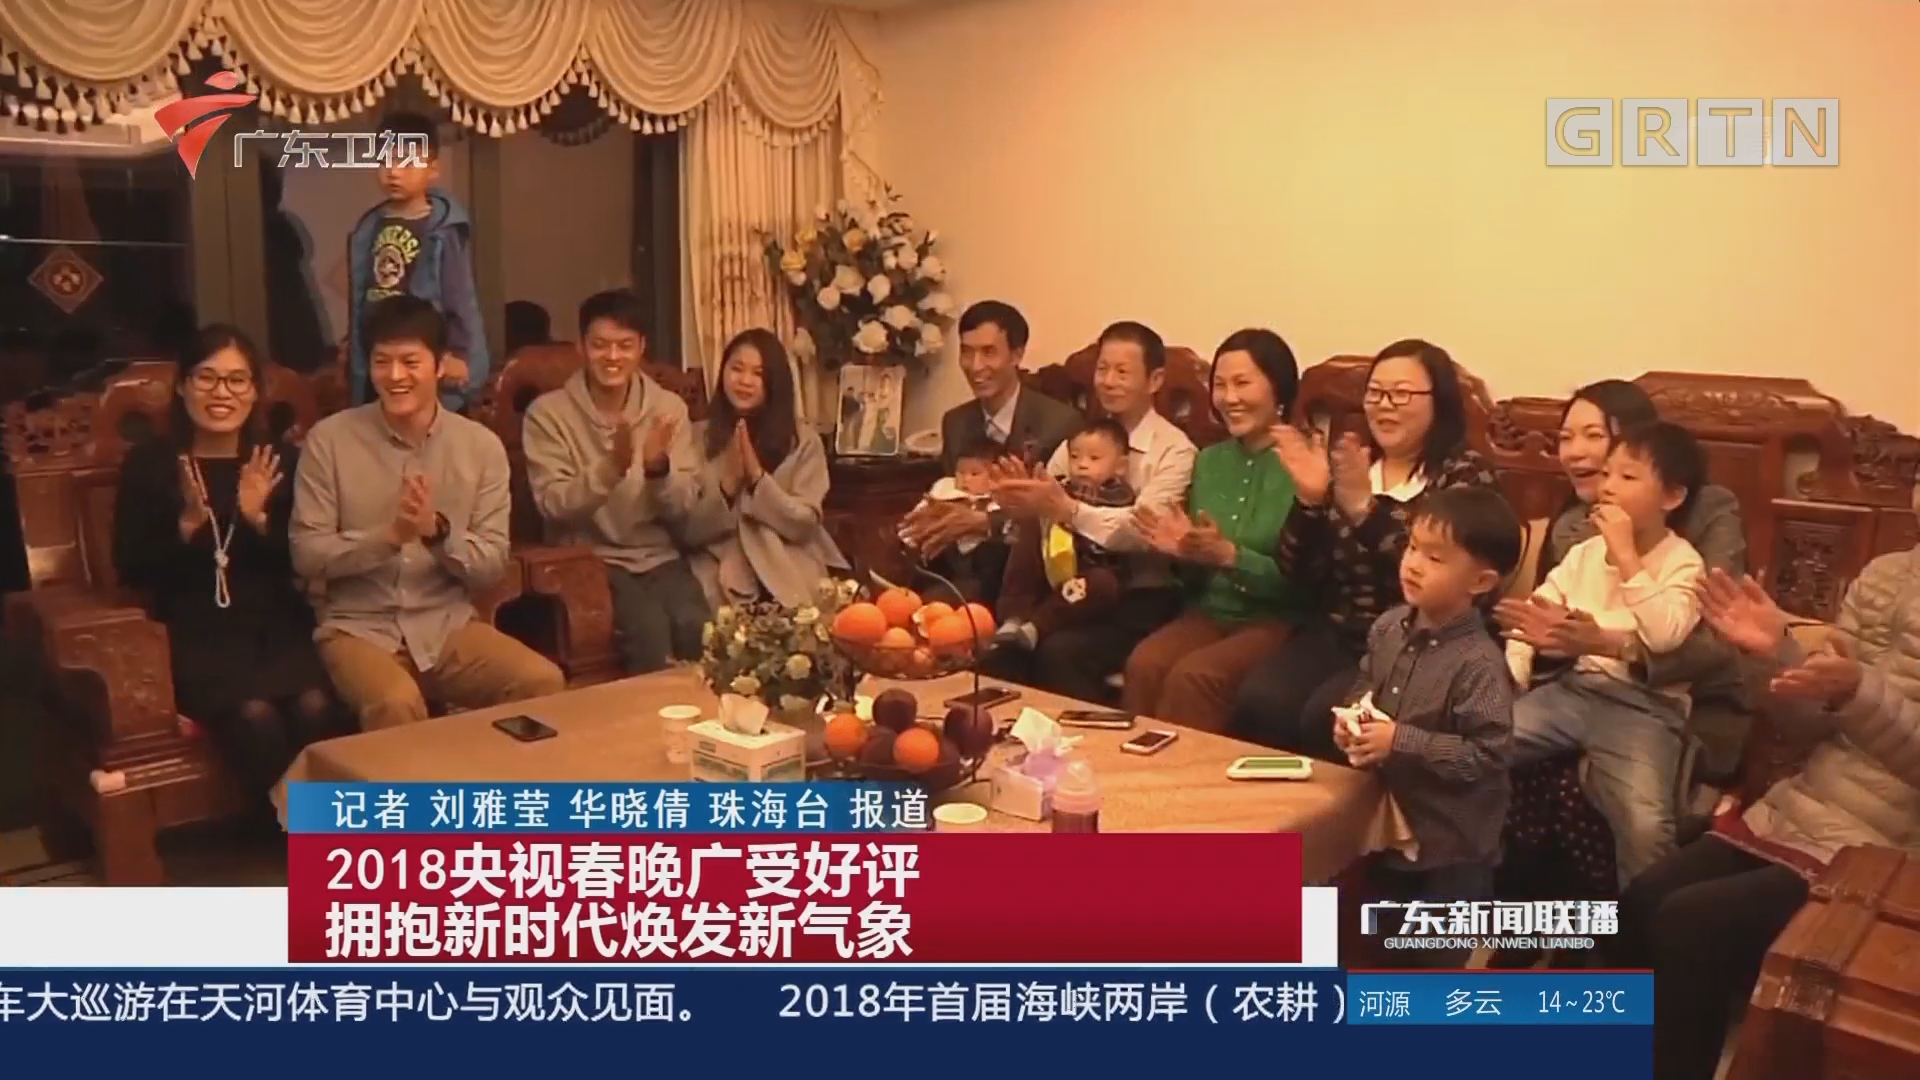 2018央视春晚广受好评 拥抱新时代焕发新气象